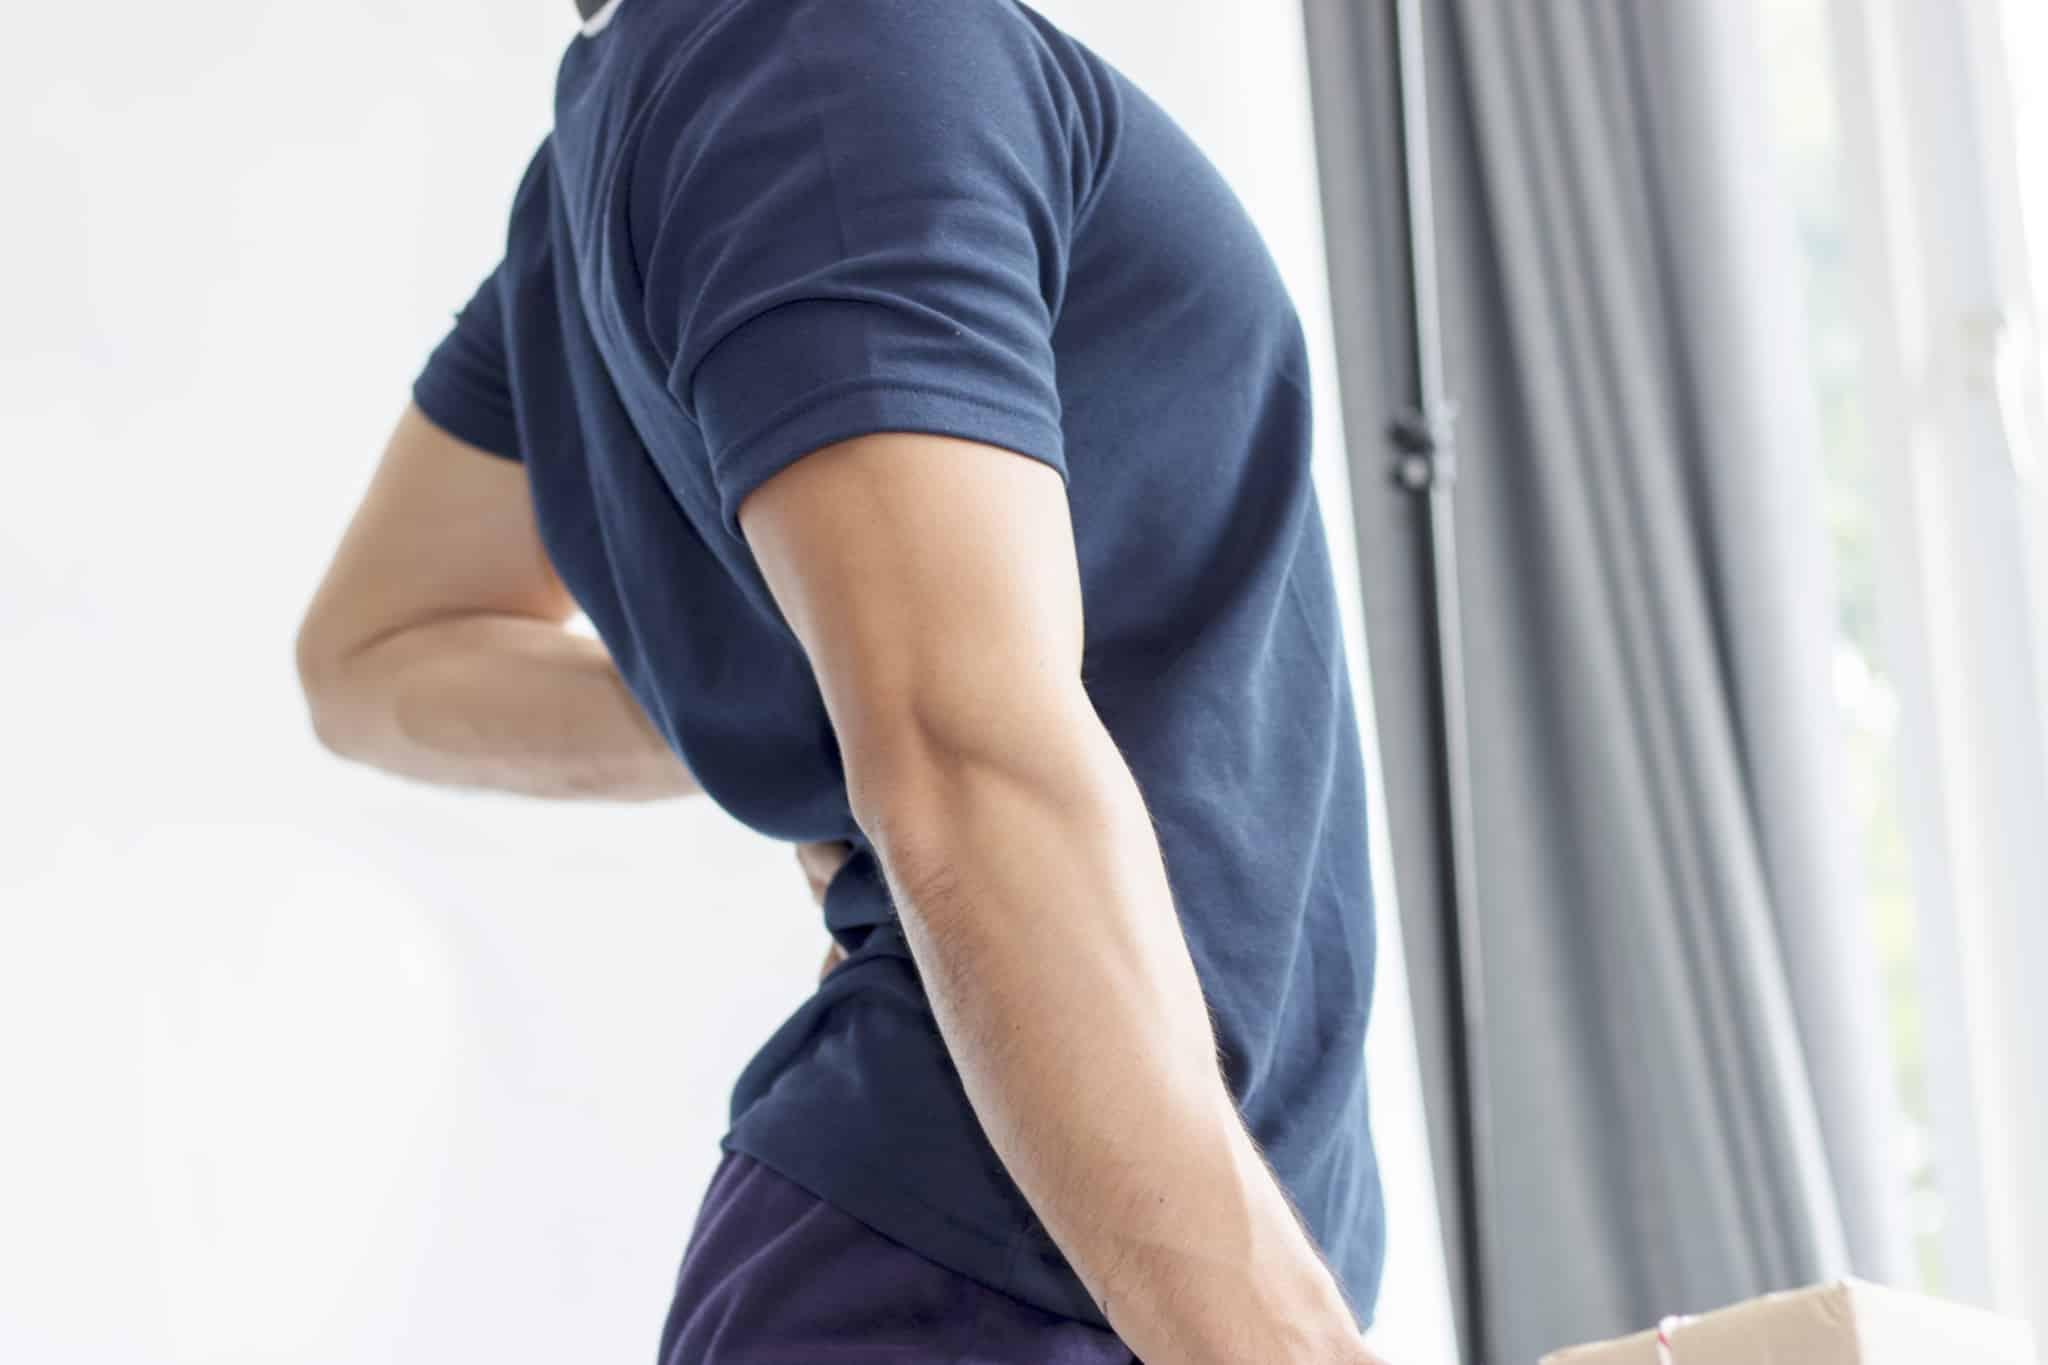 jovem homem, em pé junto a uma janela, tem a mão nas costas, na zona lombar, e o corpo contraído de dores, fruto de uma doença profissional que contraiu.